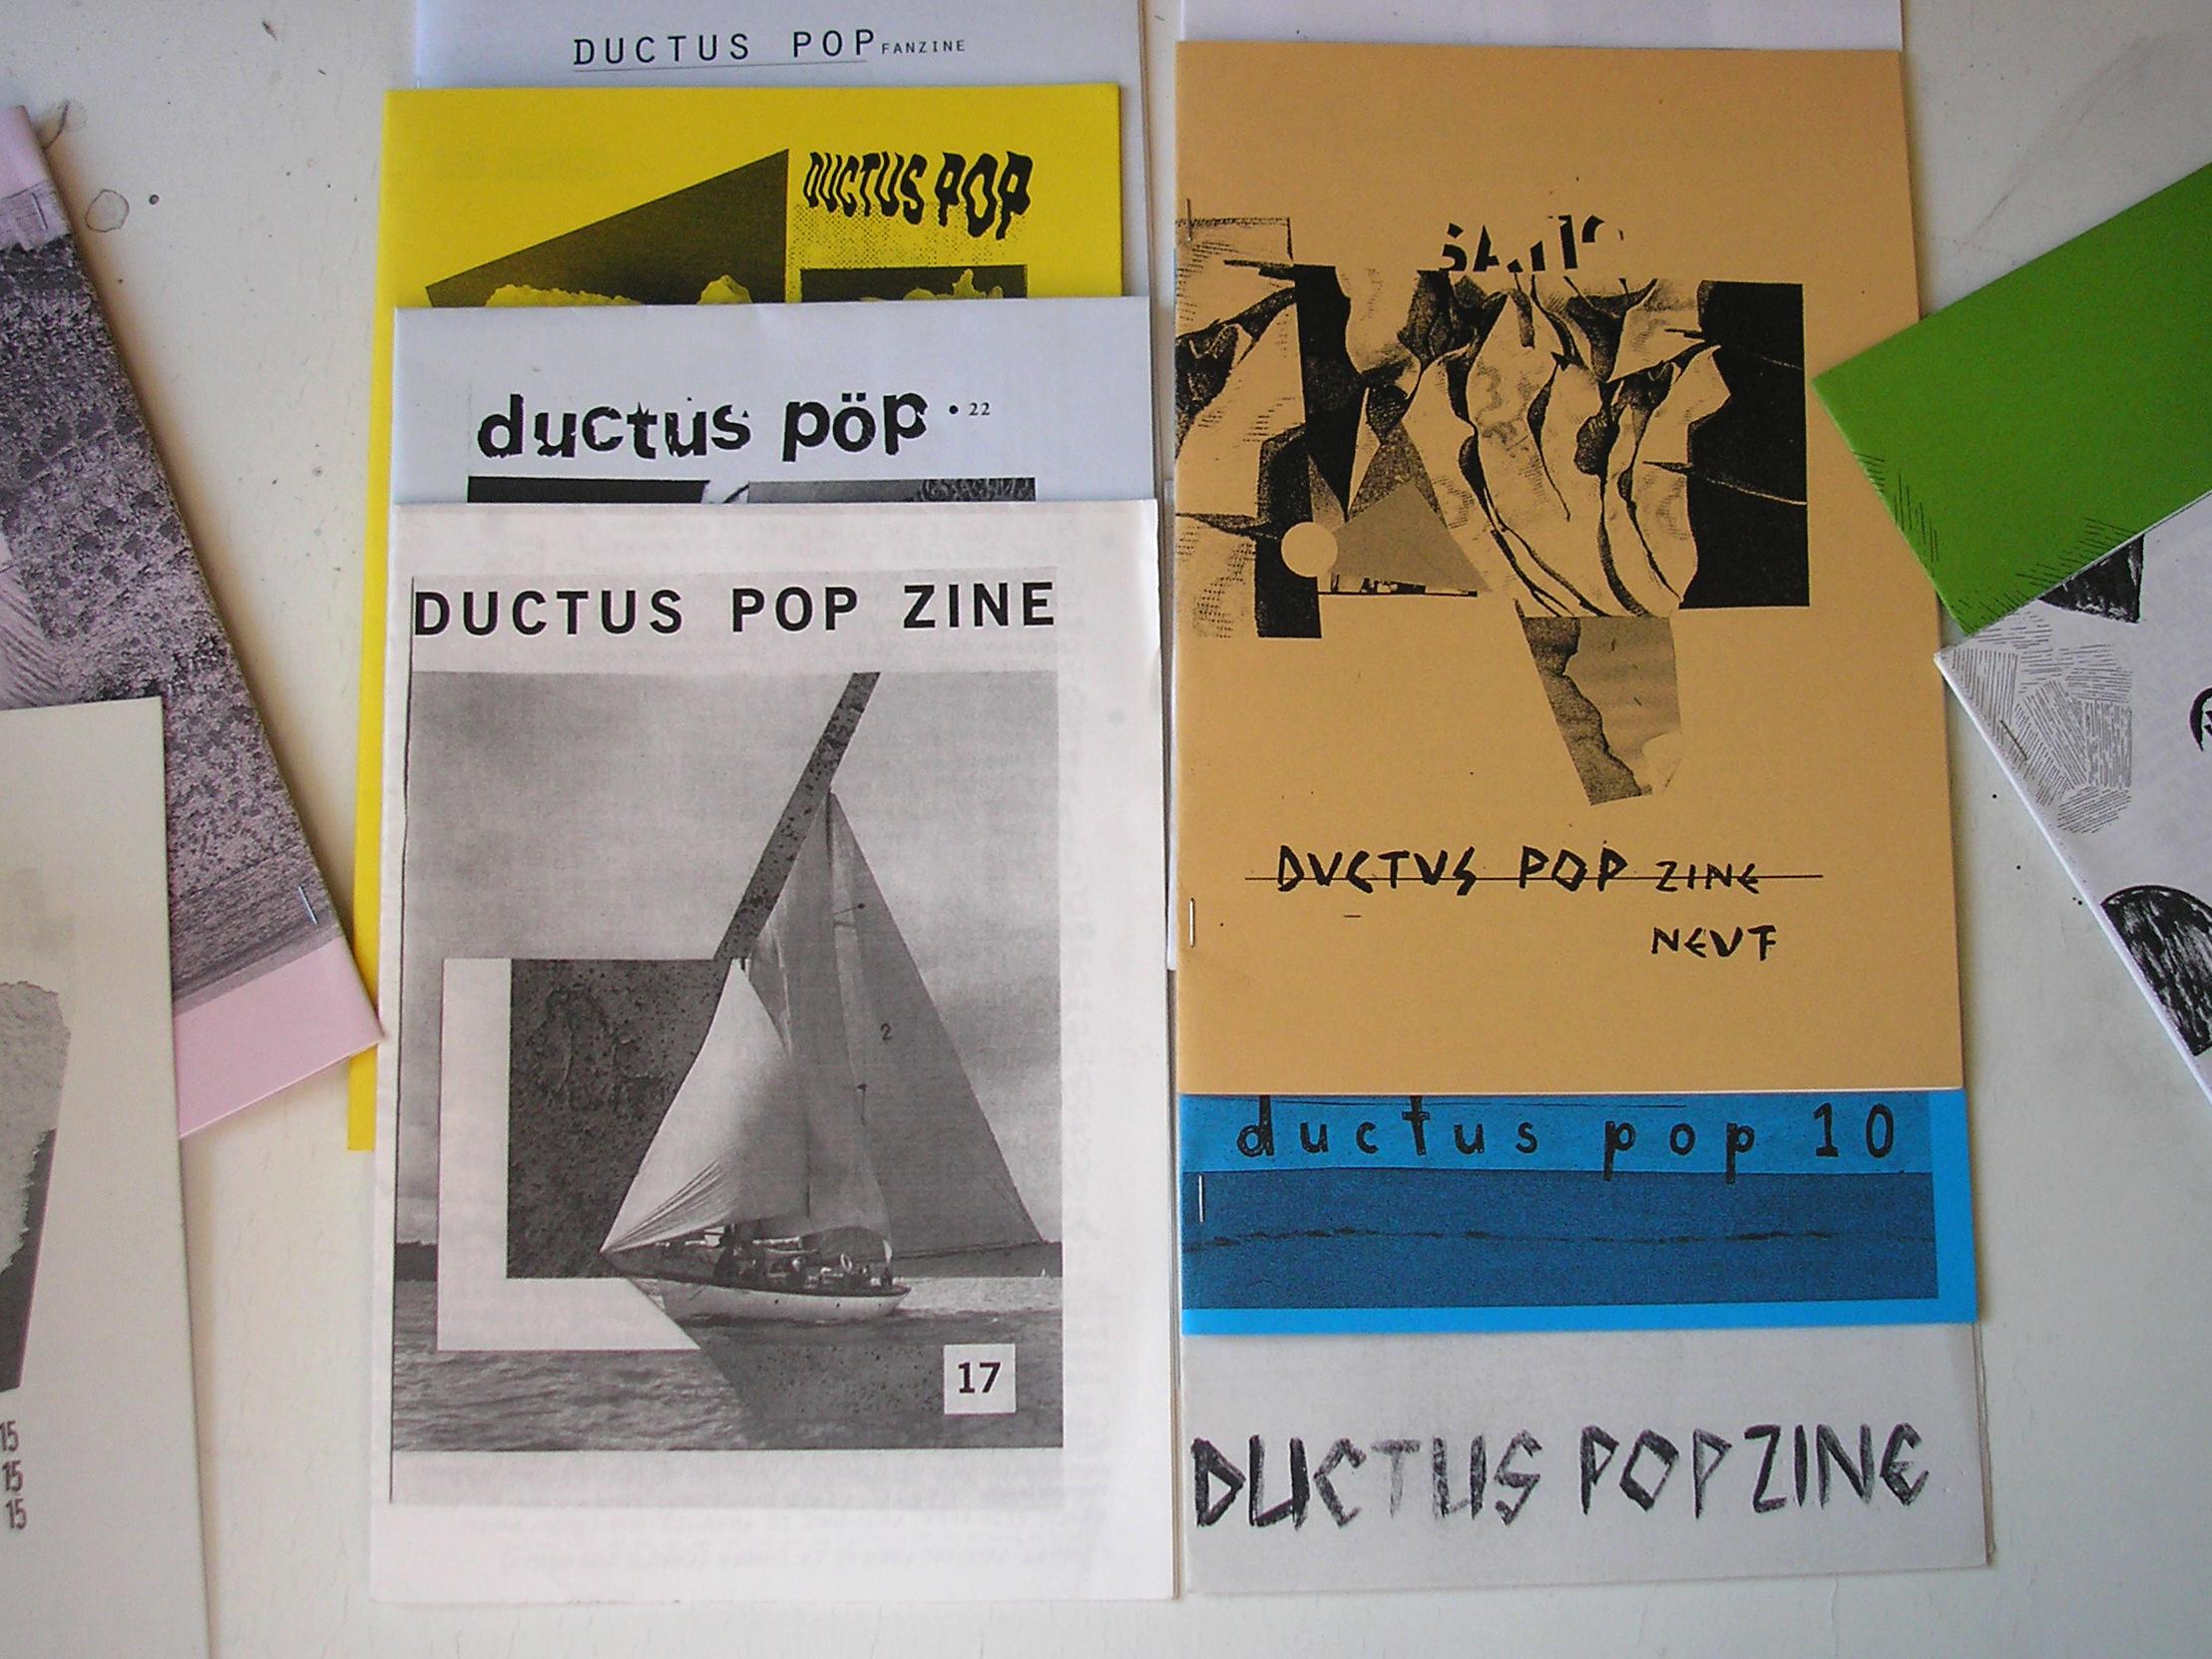 Ductus Pop